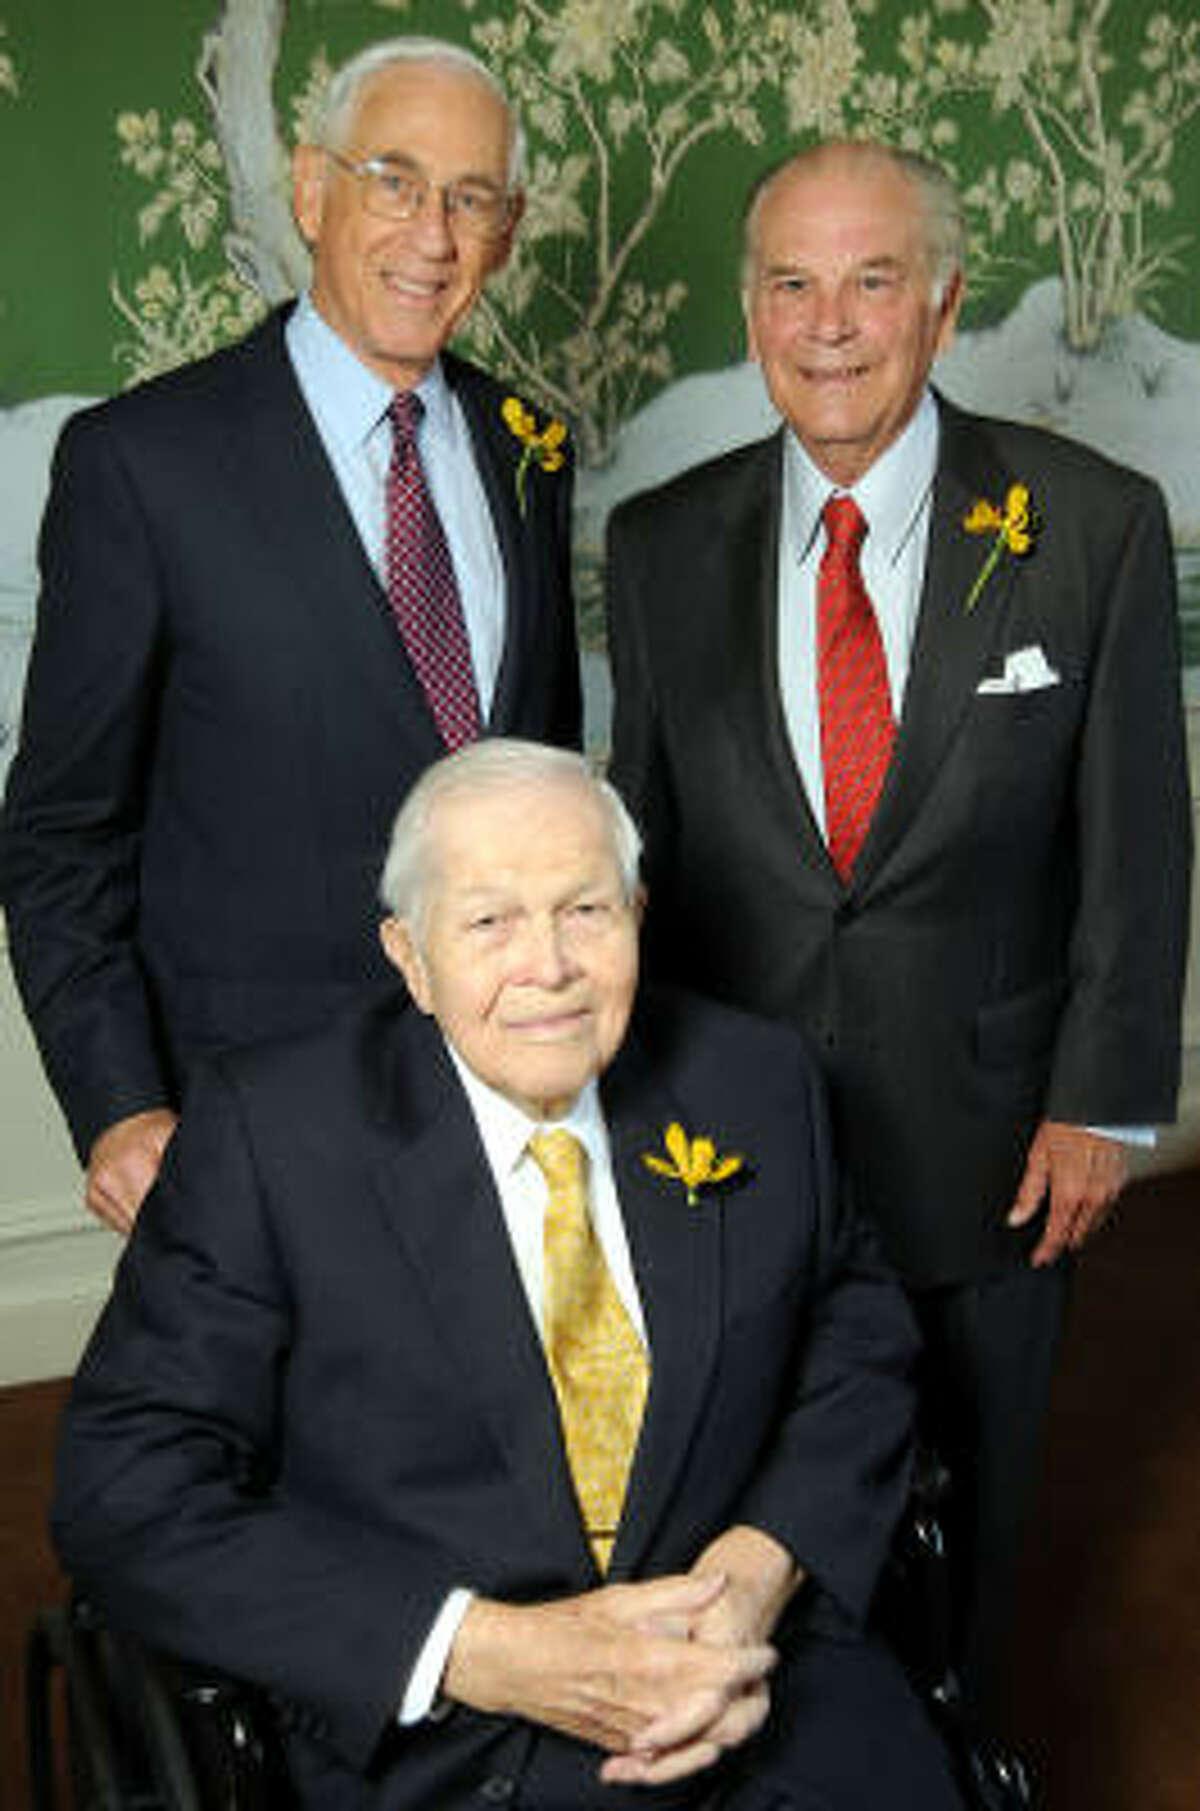 Clockwise from upper left: Honorees John Mendelsohn, Mike Stude and Tom Barrow